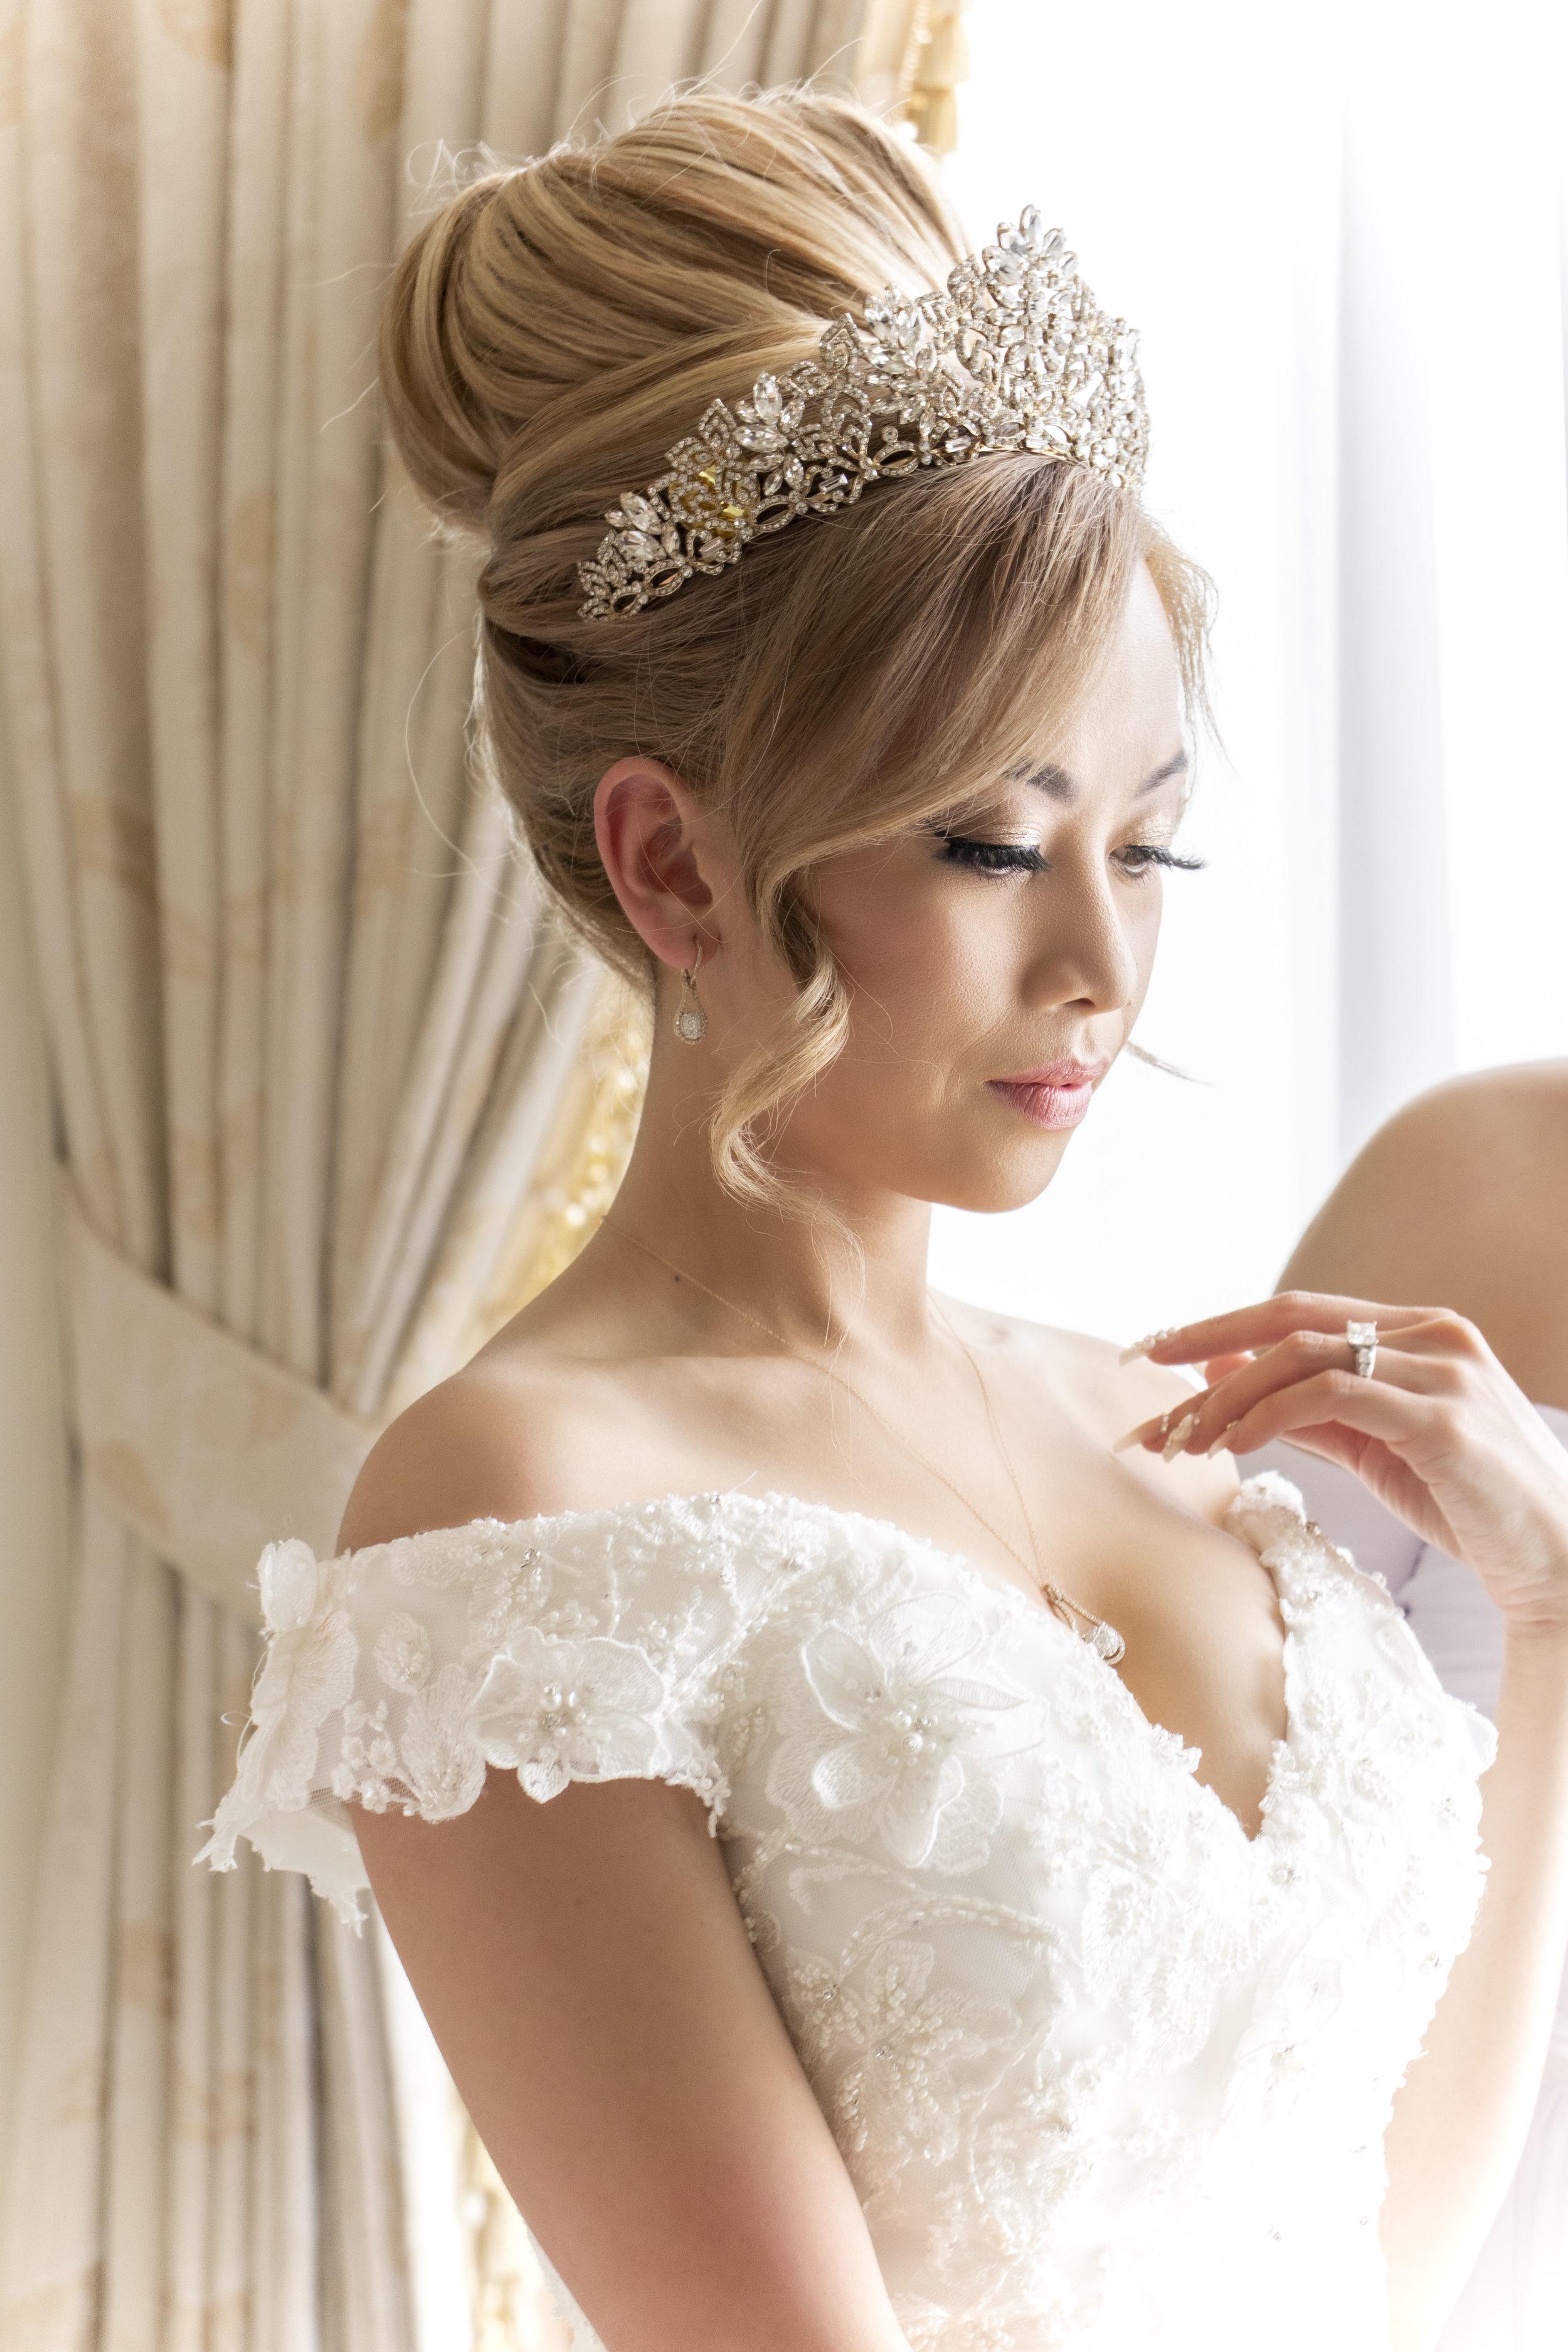 San Diego bridal hair